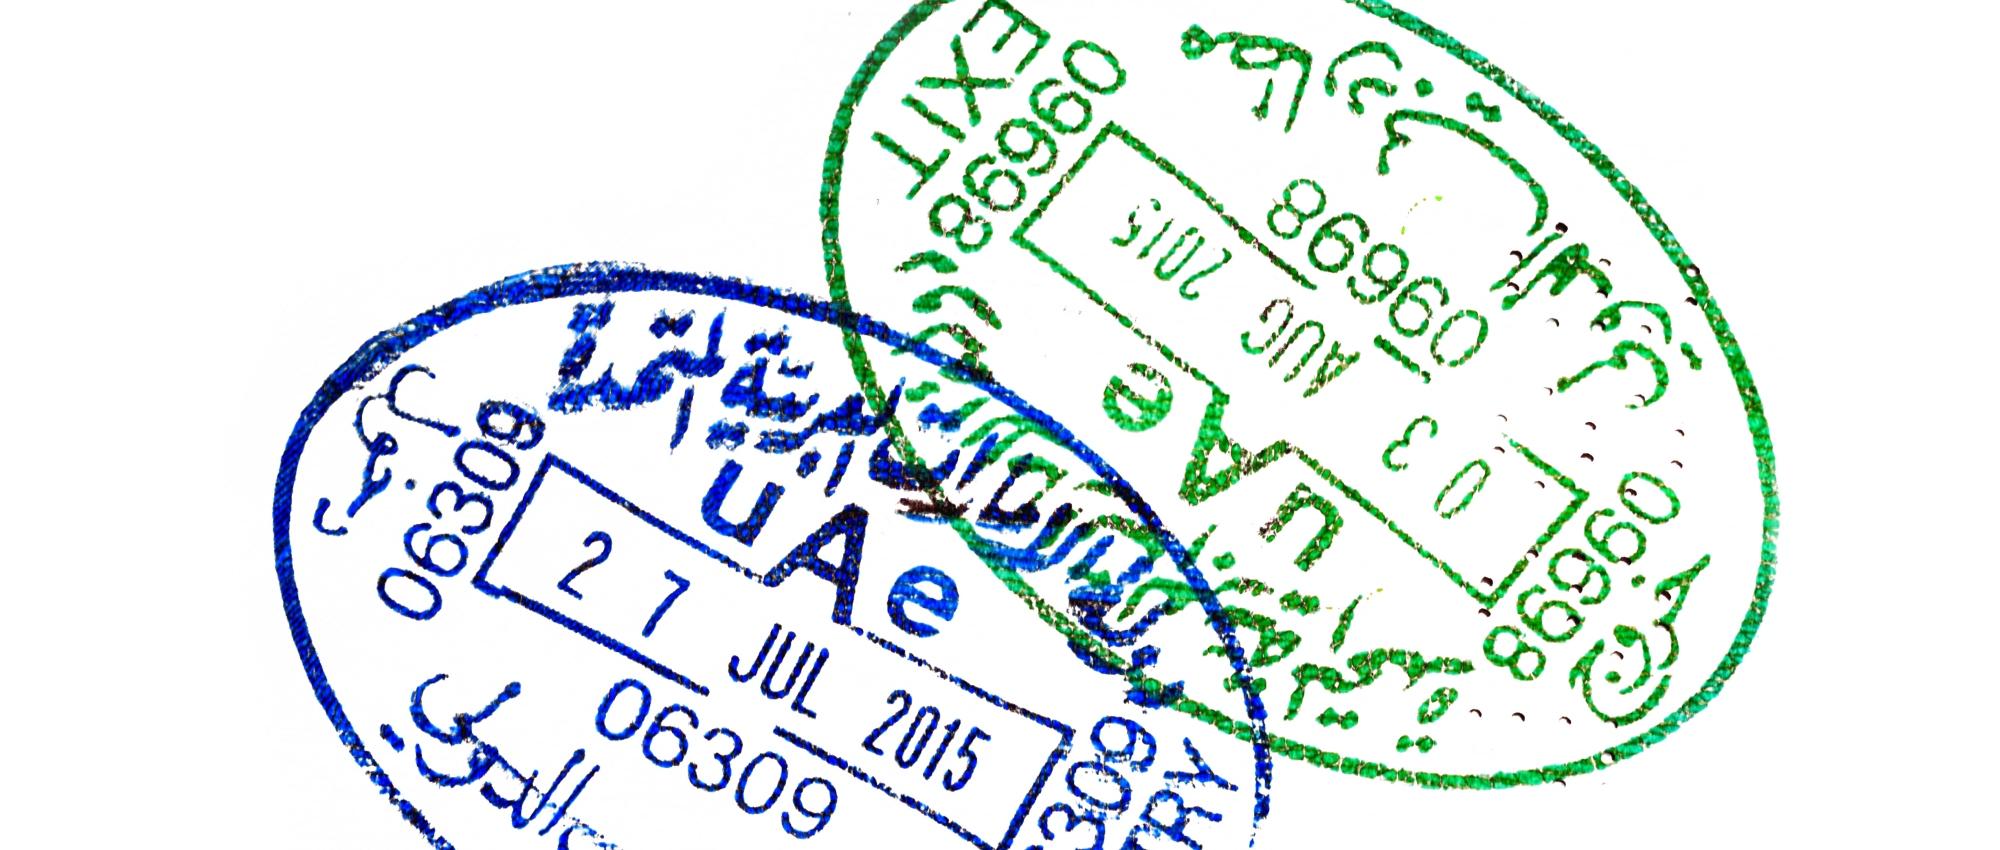 Штампы паспортного контроля в Эмиратах